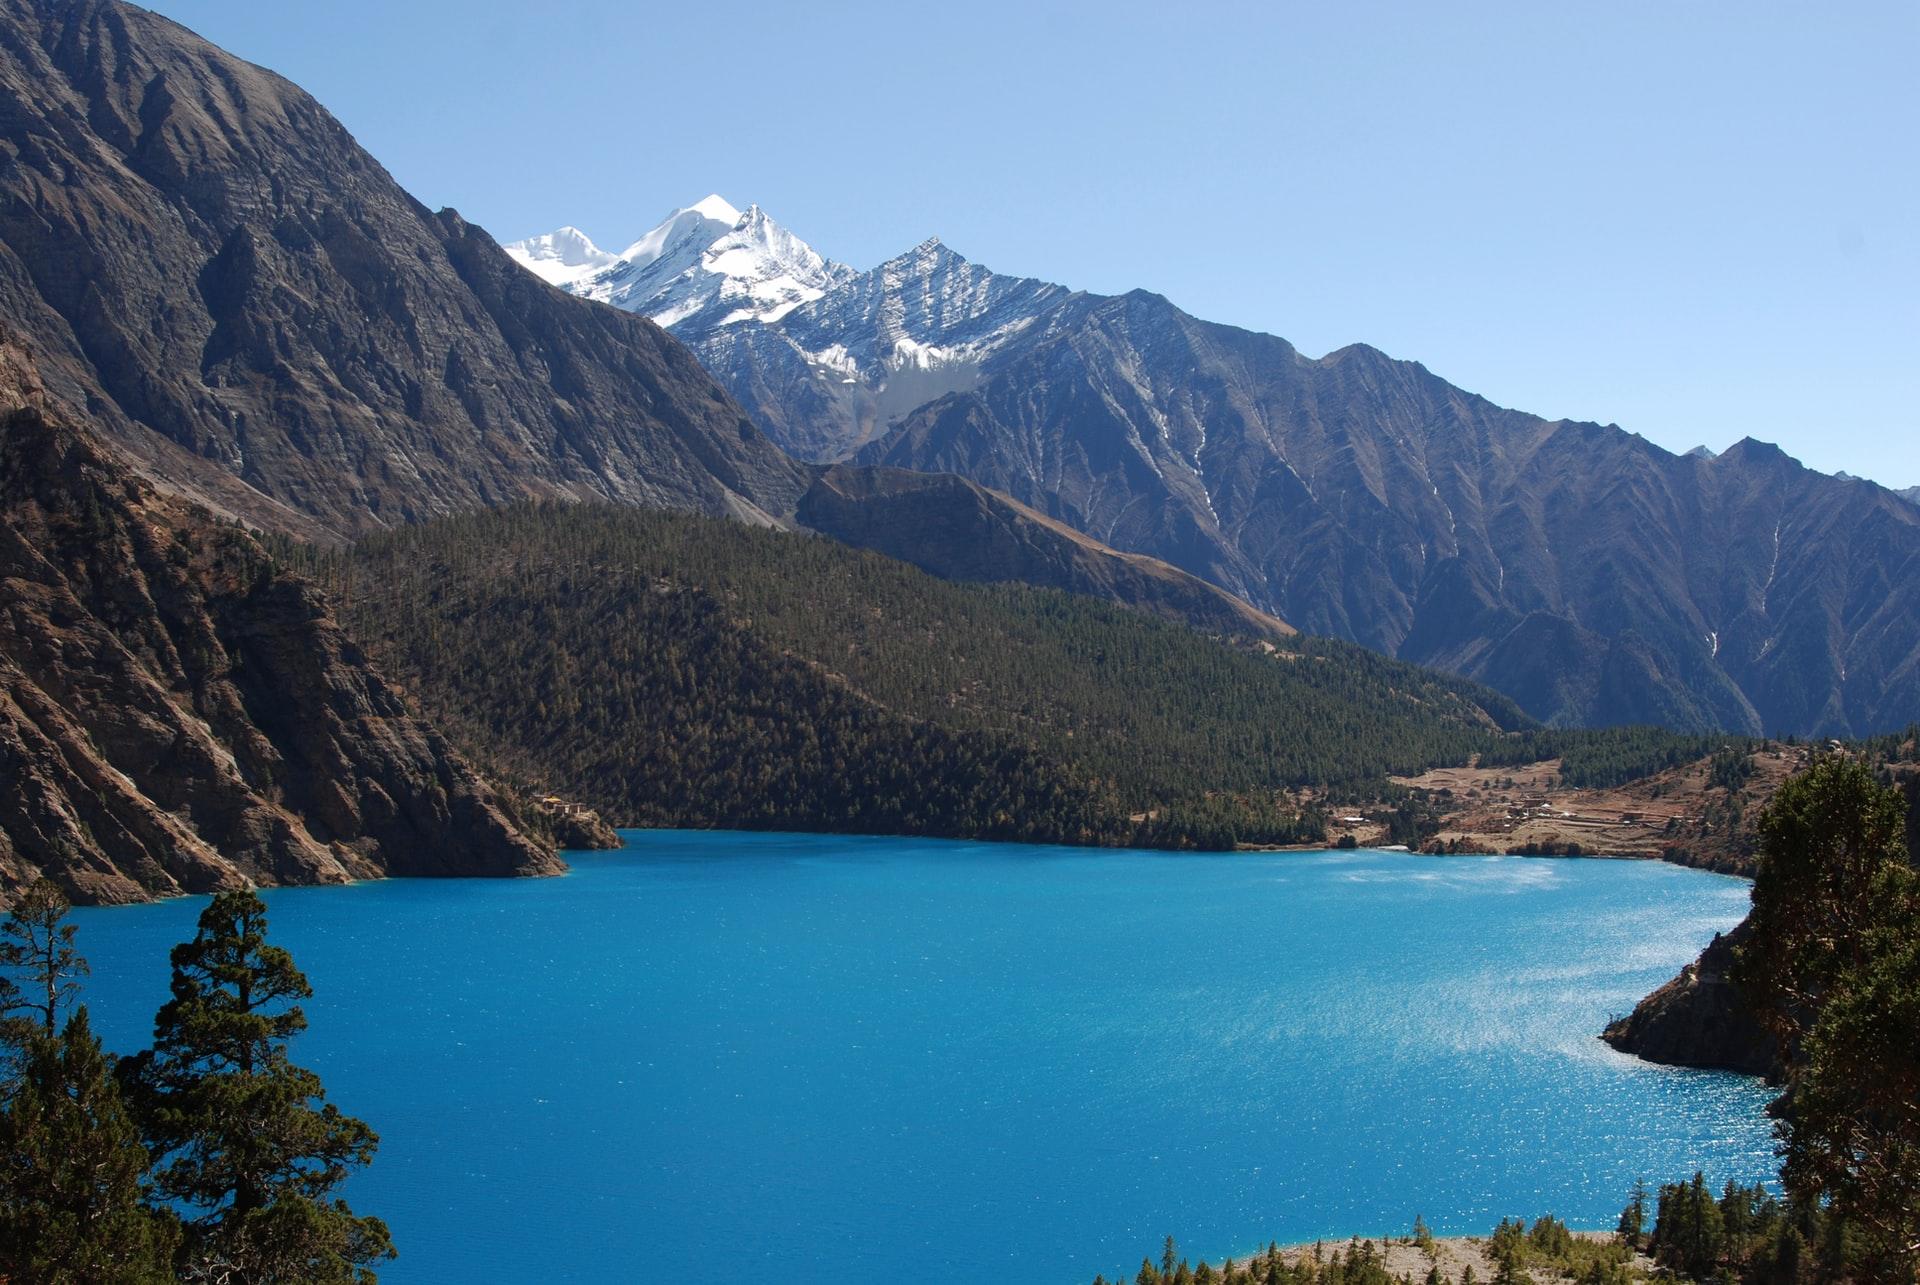 Shey Phoksundo Lake, Phoksundo, Nepal